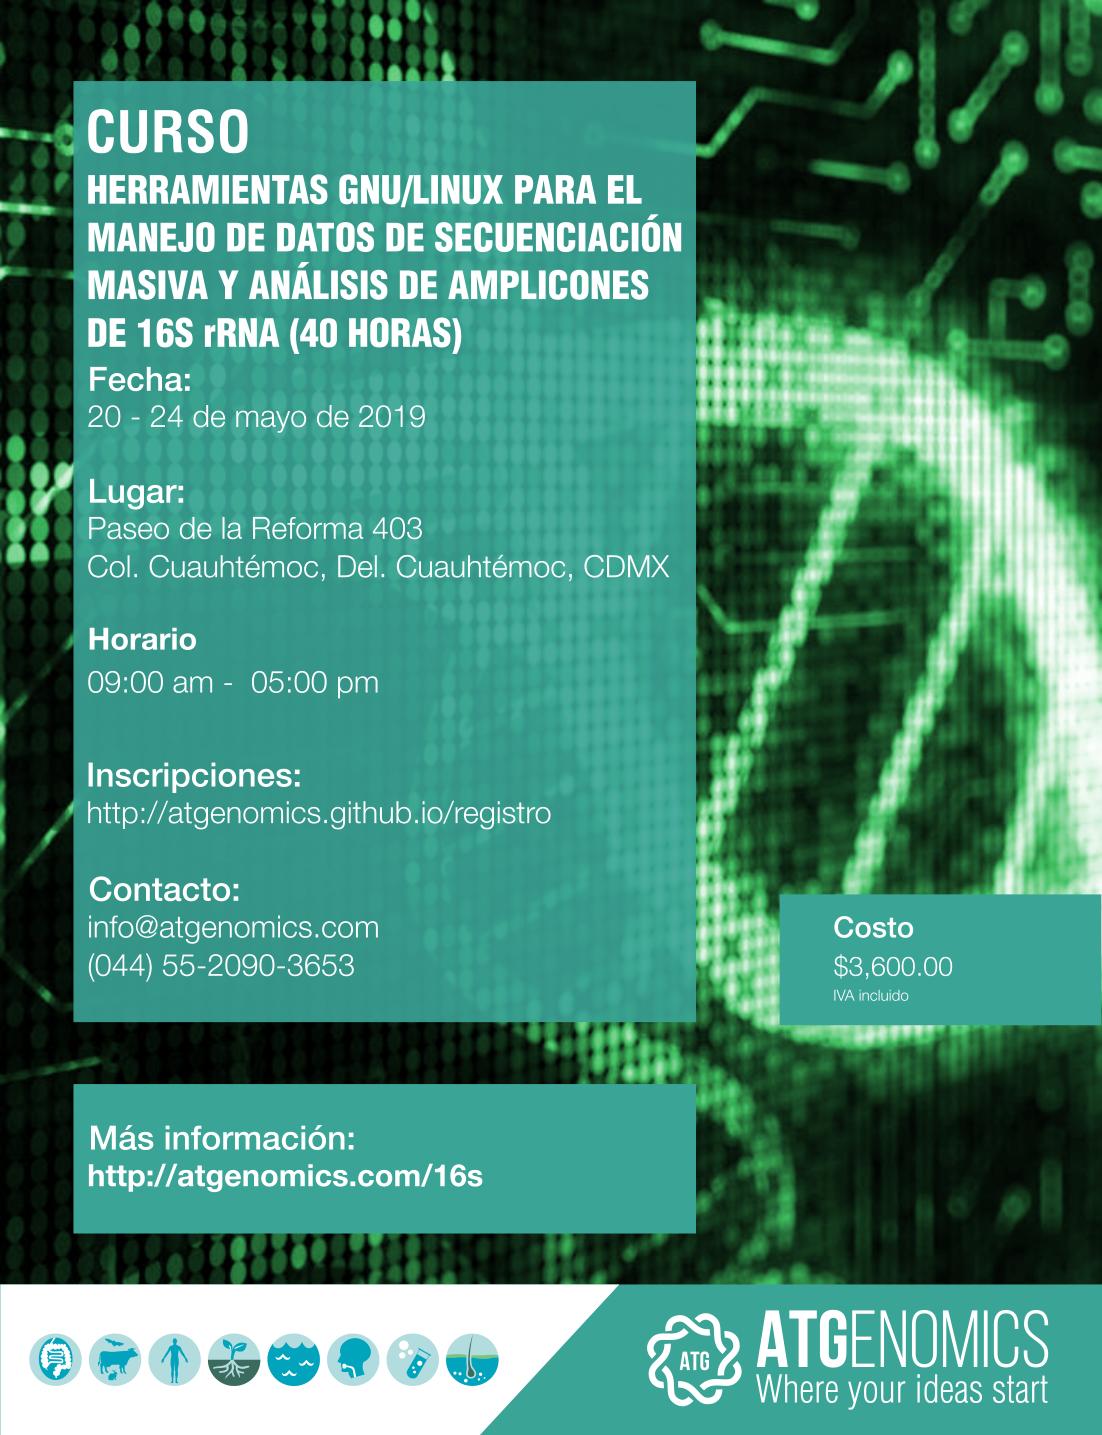 ATGenomics - Workshops - Análisis de amplicones de 16S rRNA